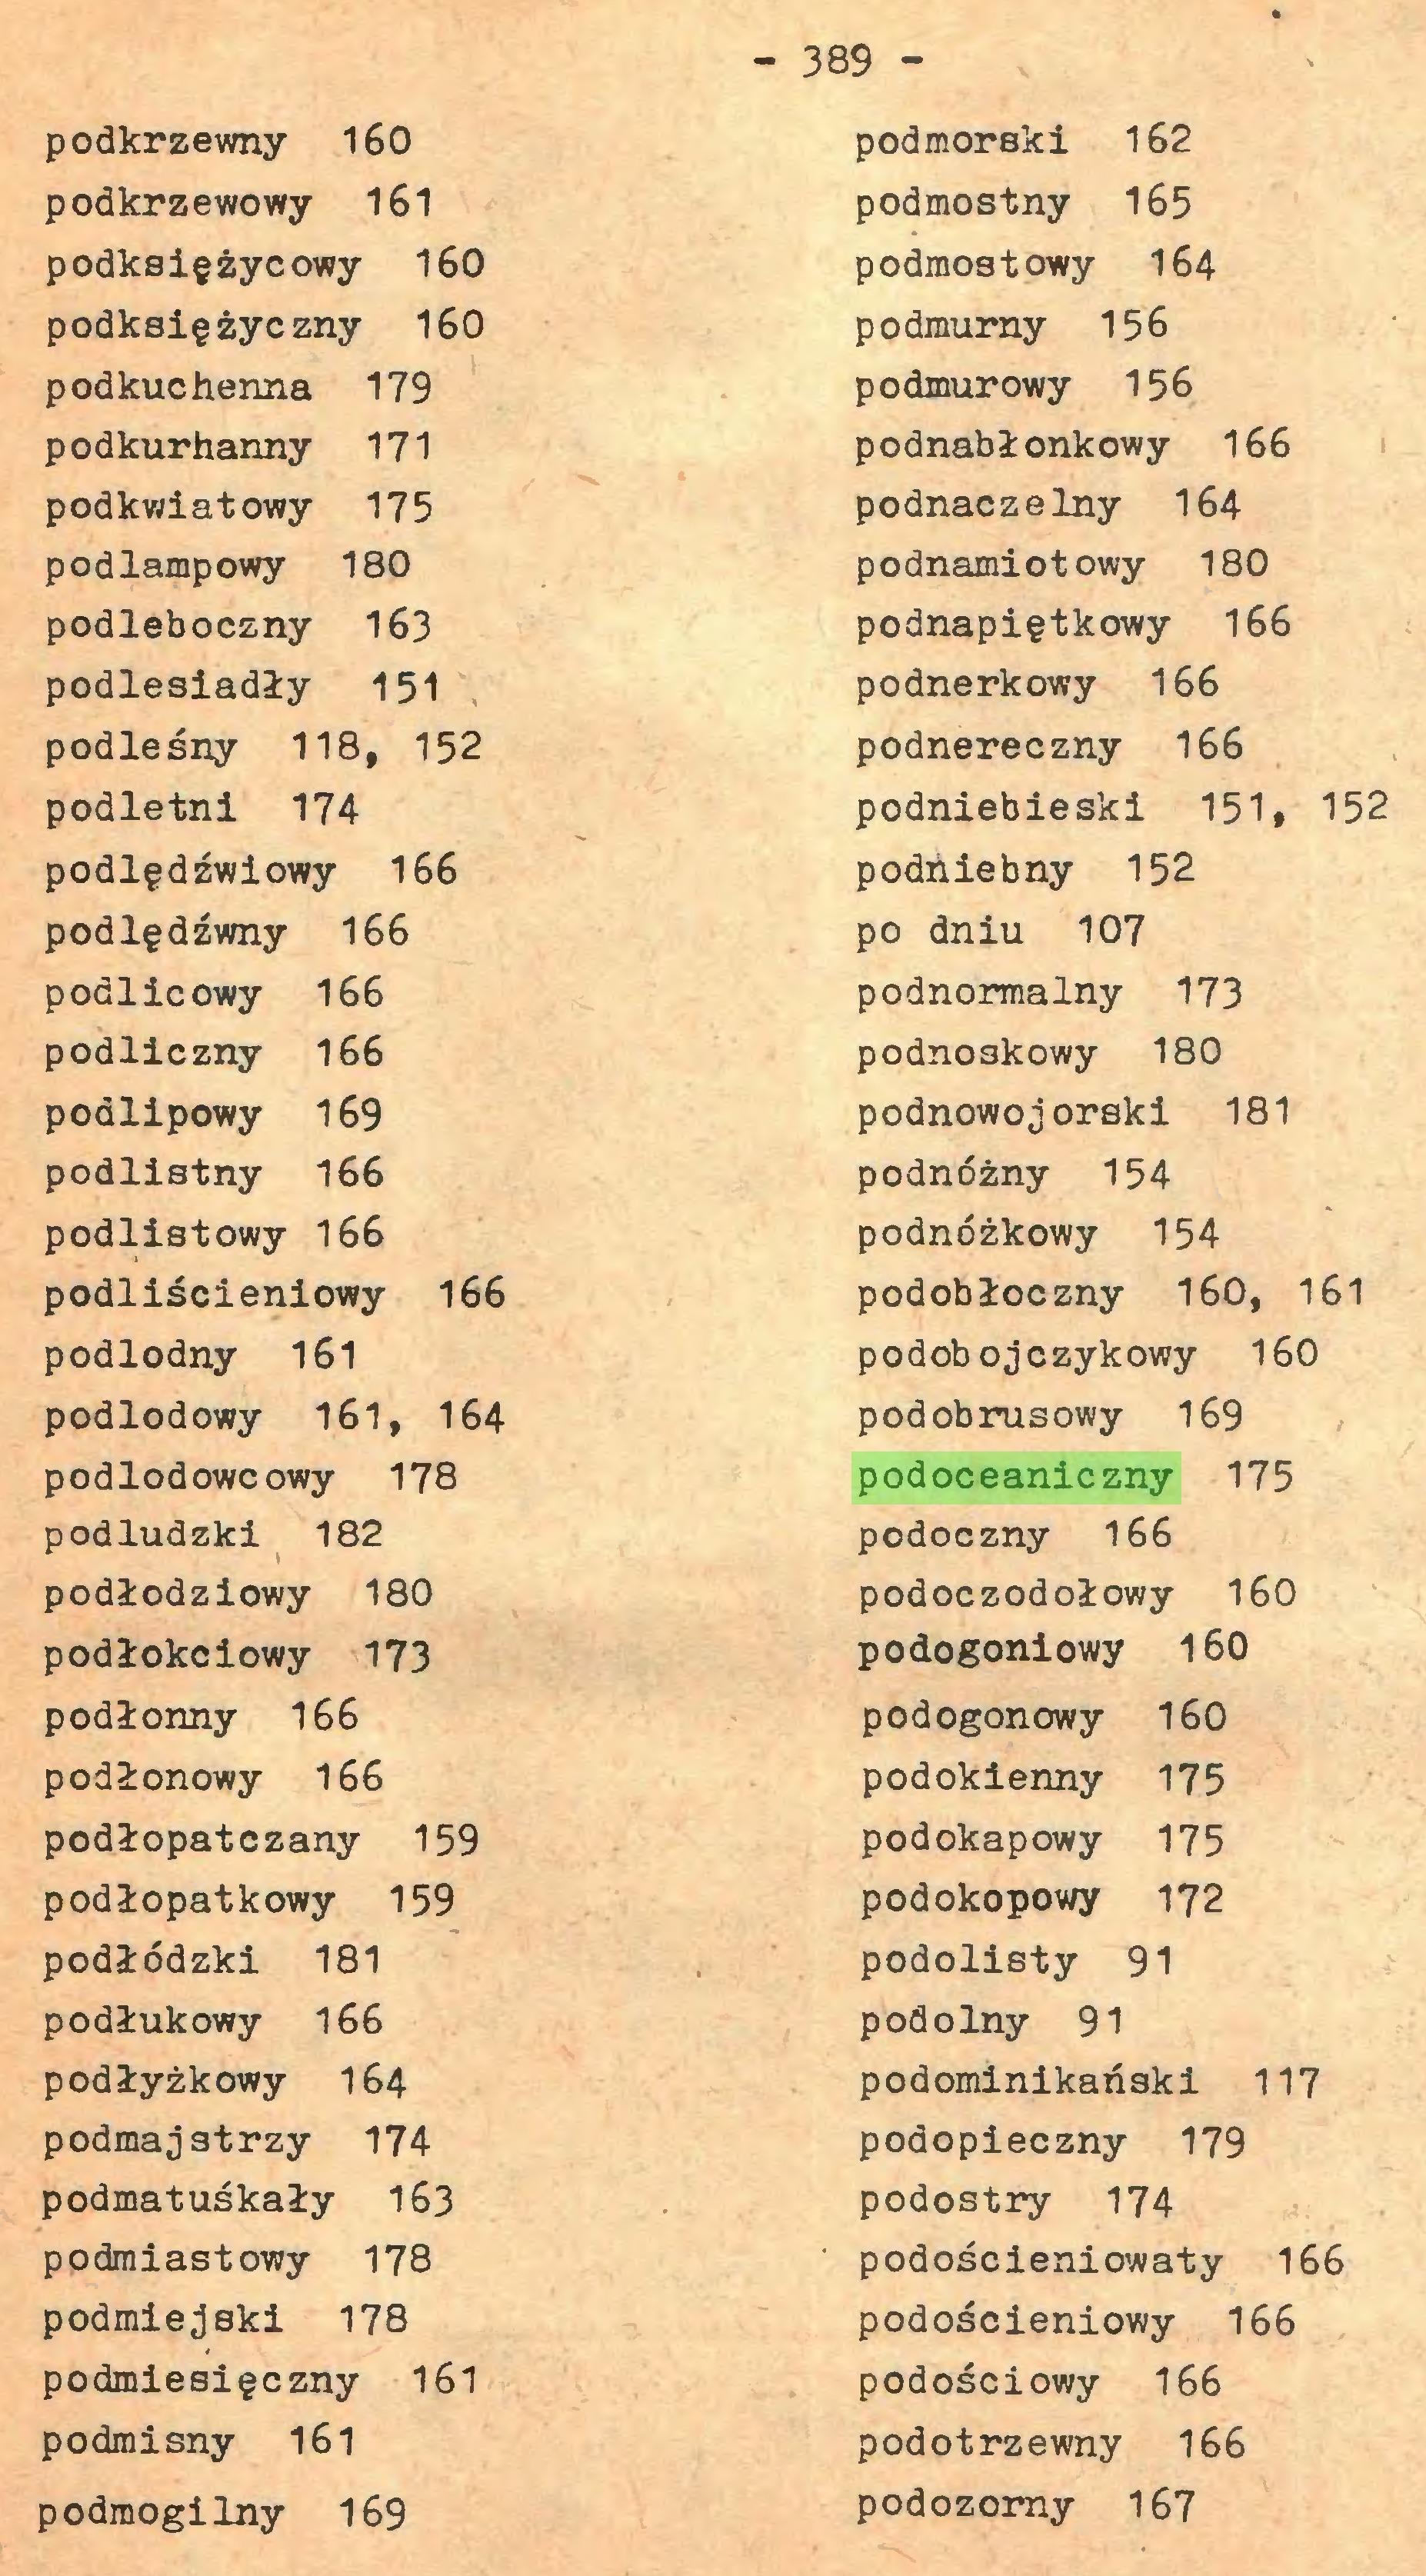 (...) - 389 podkrzewny 160 podkrzewowy 161 podksiężycowy 160 podksiężyczny 160 podkućhenna 179 podkurhanny 171 podkwiatowy 175 podlampowy 180 podleboczny 163 podlesiadły 151 podleśny 118, 152 podletni 174 podlędźwiowy 166 podlędźwny 166 podlicowy 166 podliczny 166 podlipowy 169 podlistny 166 podlistowy 166 podliścieniowy 166 podlodny 161 podlodowy 161, 164 podlodowcowy 178 podludzki 182 podłodziowy 180 podłokciowy 173 podłonny 166 podłonowy 166 podłopatczany 159 podłopatkowy 159 podłódzki 181 podłukowy 166 podłyżkowy 164 podmajstrzy 174 podmatuśkały 163 podmiastowy 178 podmiejski 178 podmiesięczny 161 podmisny 161 podmogilny 169 podmorski 162 podmostny 165 podmostowy 164 podmumy 156 podmurowy 156 podnabłonkowy 166 podnaczelny 164 podnamiotowy 180 podnapiętkowy 166 podnerkowy 166 podnereczny 166 podniebieski 151# 152 podńiebny 152 po dniu 107 podnormalny 173 podno3kowy 180 podnowojorski 181 podnóżny 154 podnóżkowy 154 podobłoczny 160, 161 podobojczykowy 160 podobrusowy 169 podoceaniczny 175 podoczny 166 podoczodołowy 160 podogoniowy 160 podogonowy 160 podokienny 175 podokapowy 175 podokopowy 172 podolisty 91 podolny 91 podominikański 117 podopieczny 179 podostry 174 podościeniowaty 166 podościeniowy 166 podościowy 166 podotrzewny 166 podozomy 167...